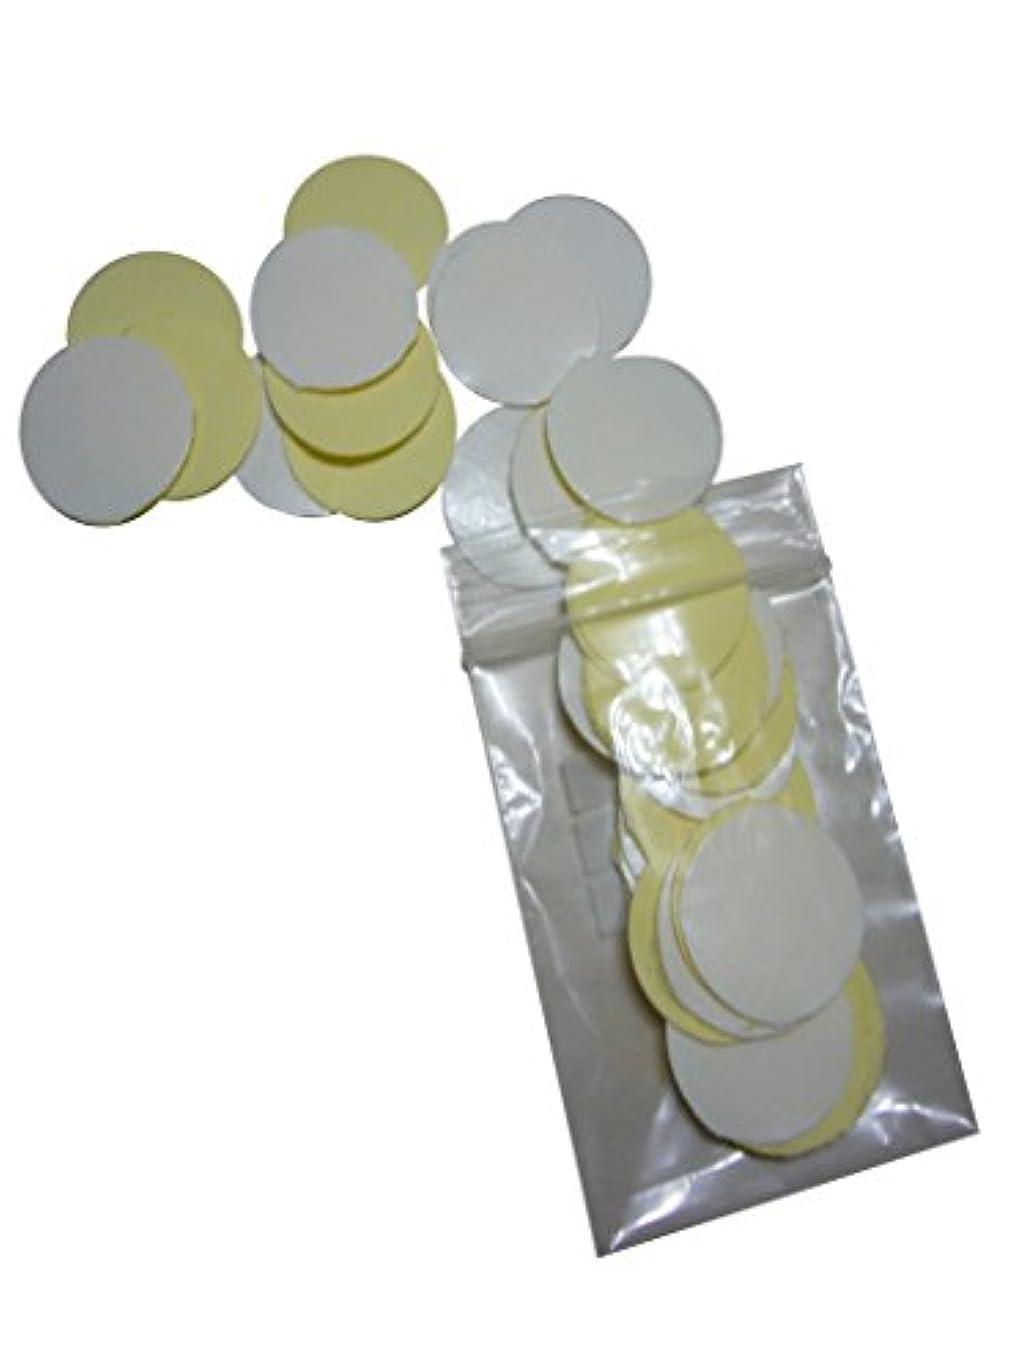 魔女バン入札チュールキュア用 追加かつら専用シール40個 直径2.5cm 普通サイズ